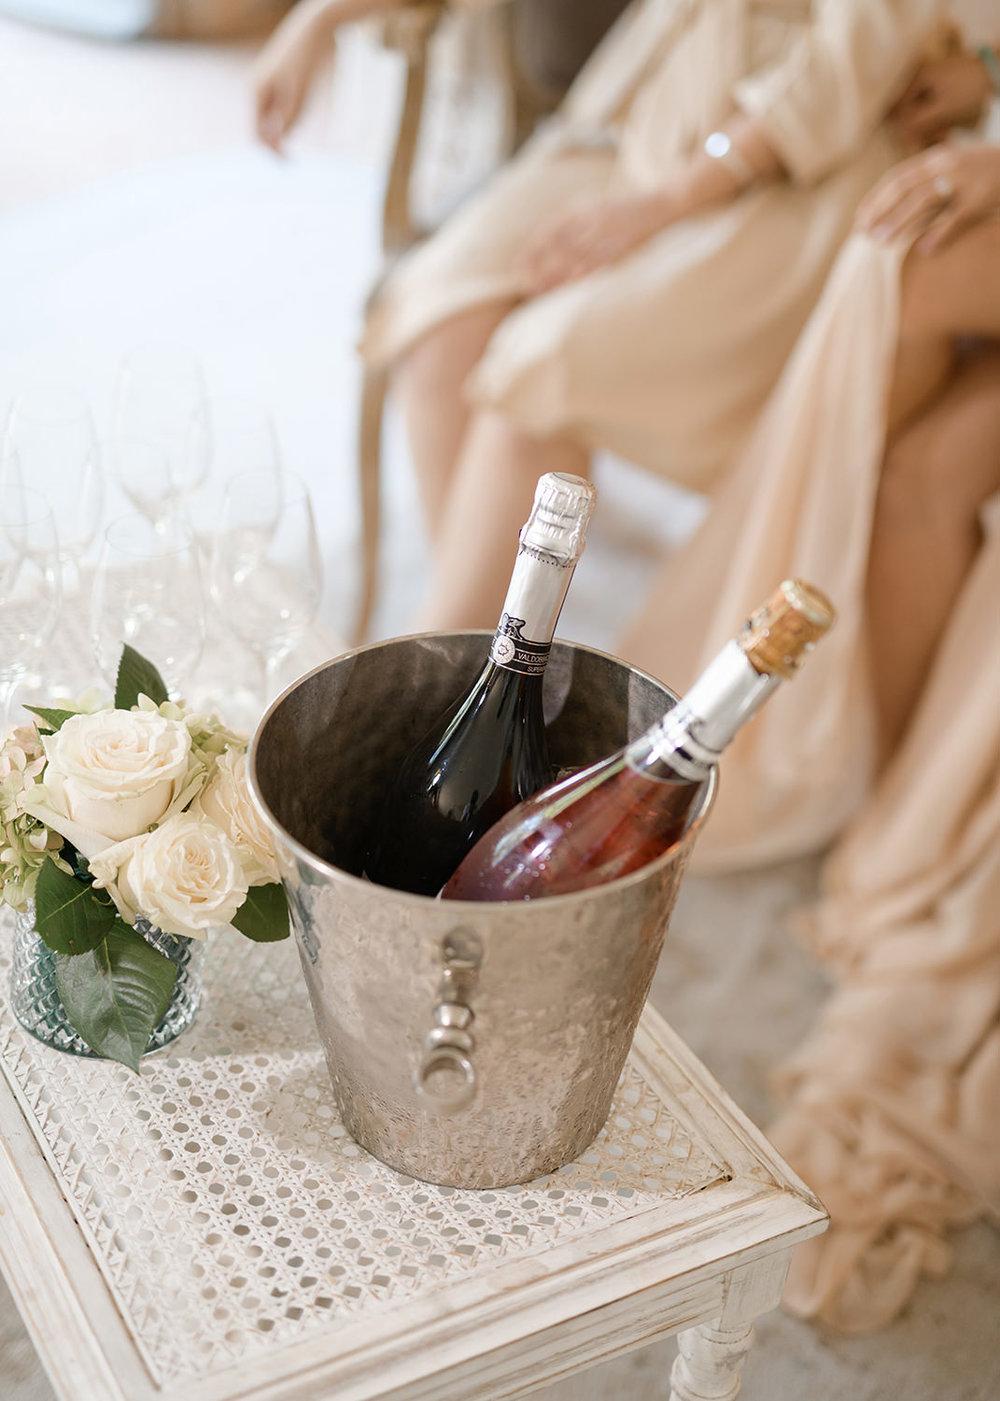 villa-regina-teodolinda-wedding-photographer-C&B-©bottega53-20.JPG